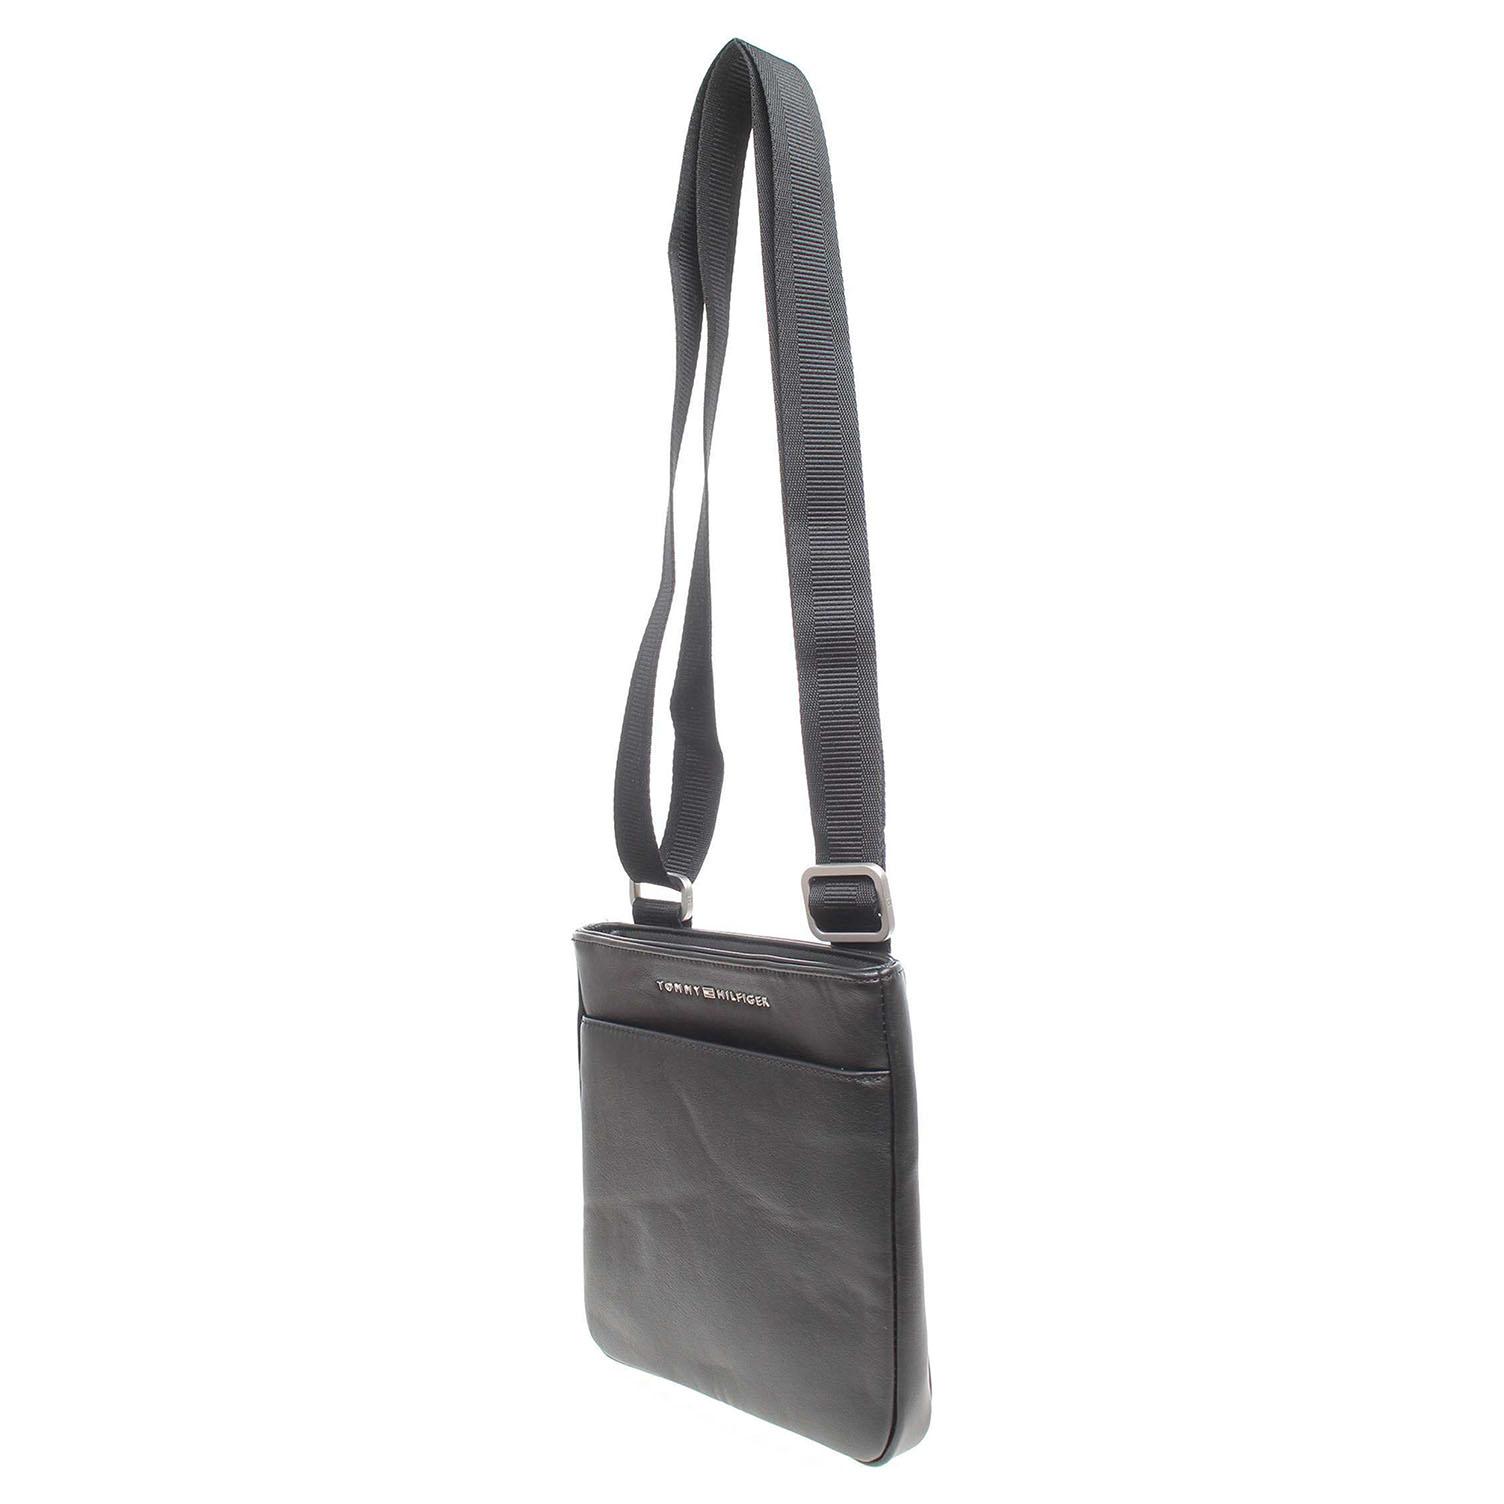 Ecco Tommy Hilfiger pánská taška AM0AM02235 černá 10701178